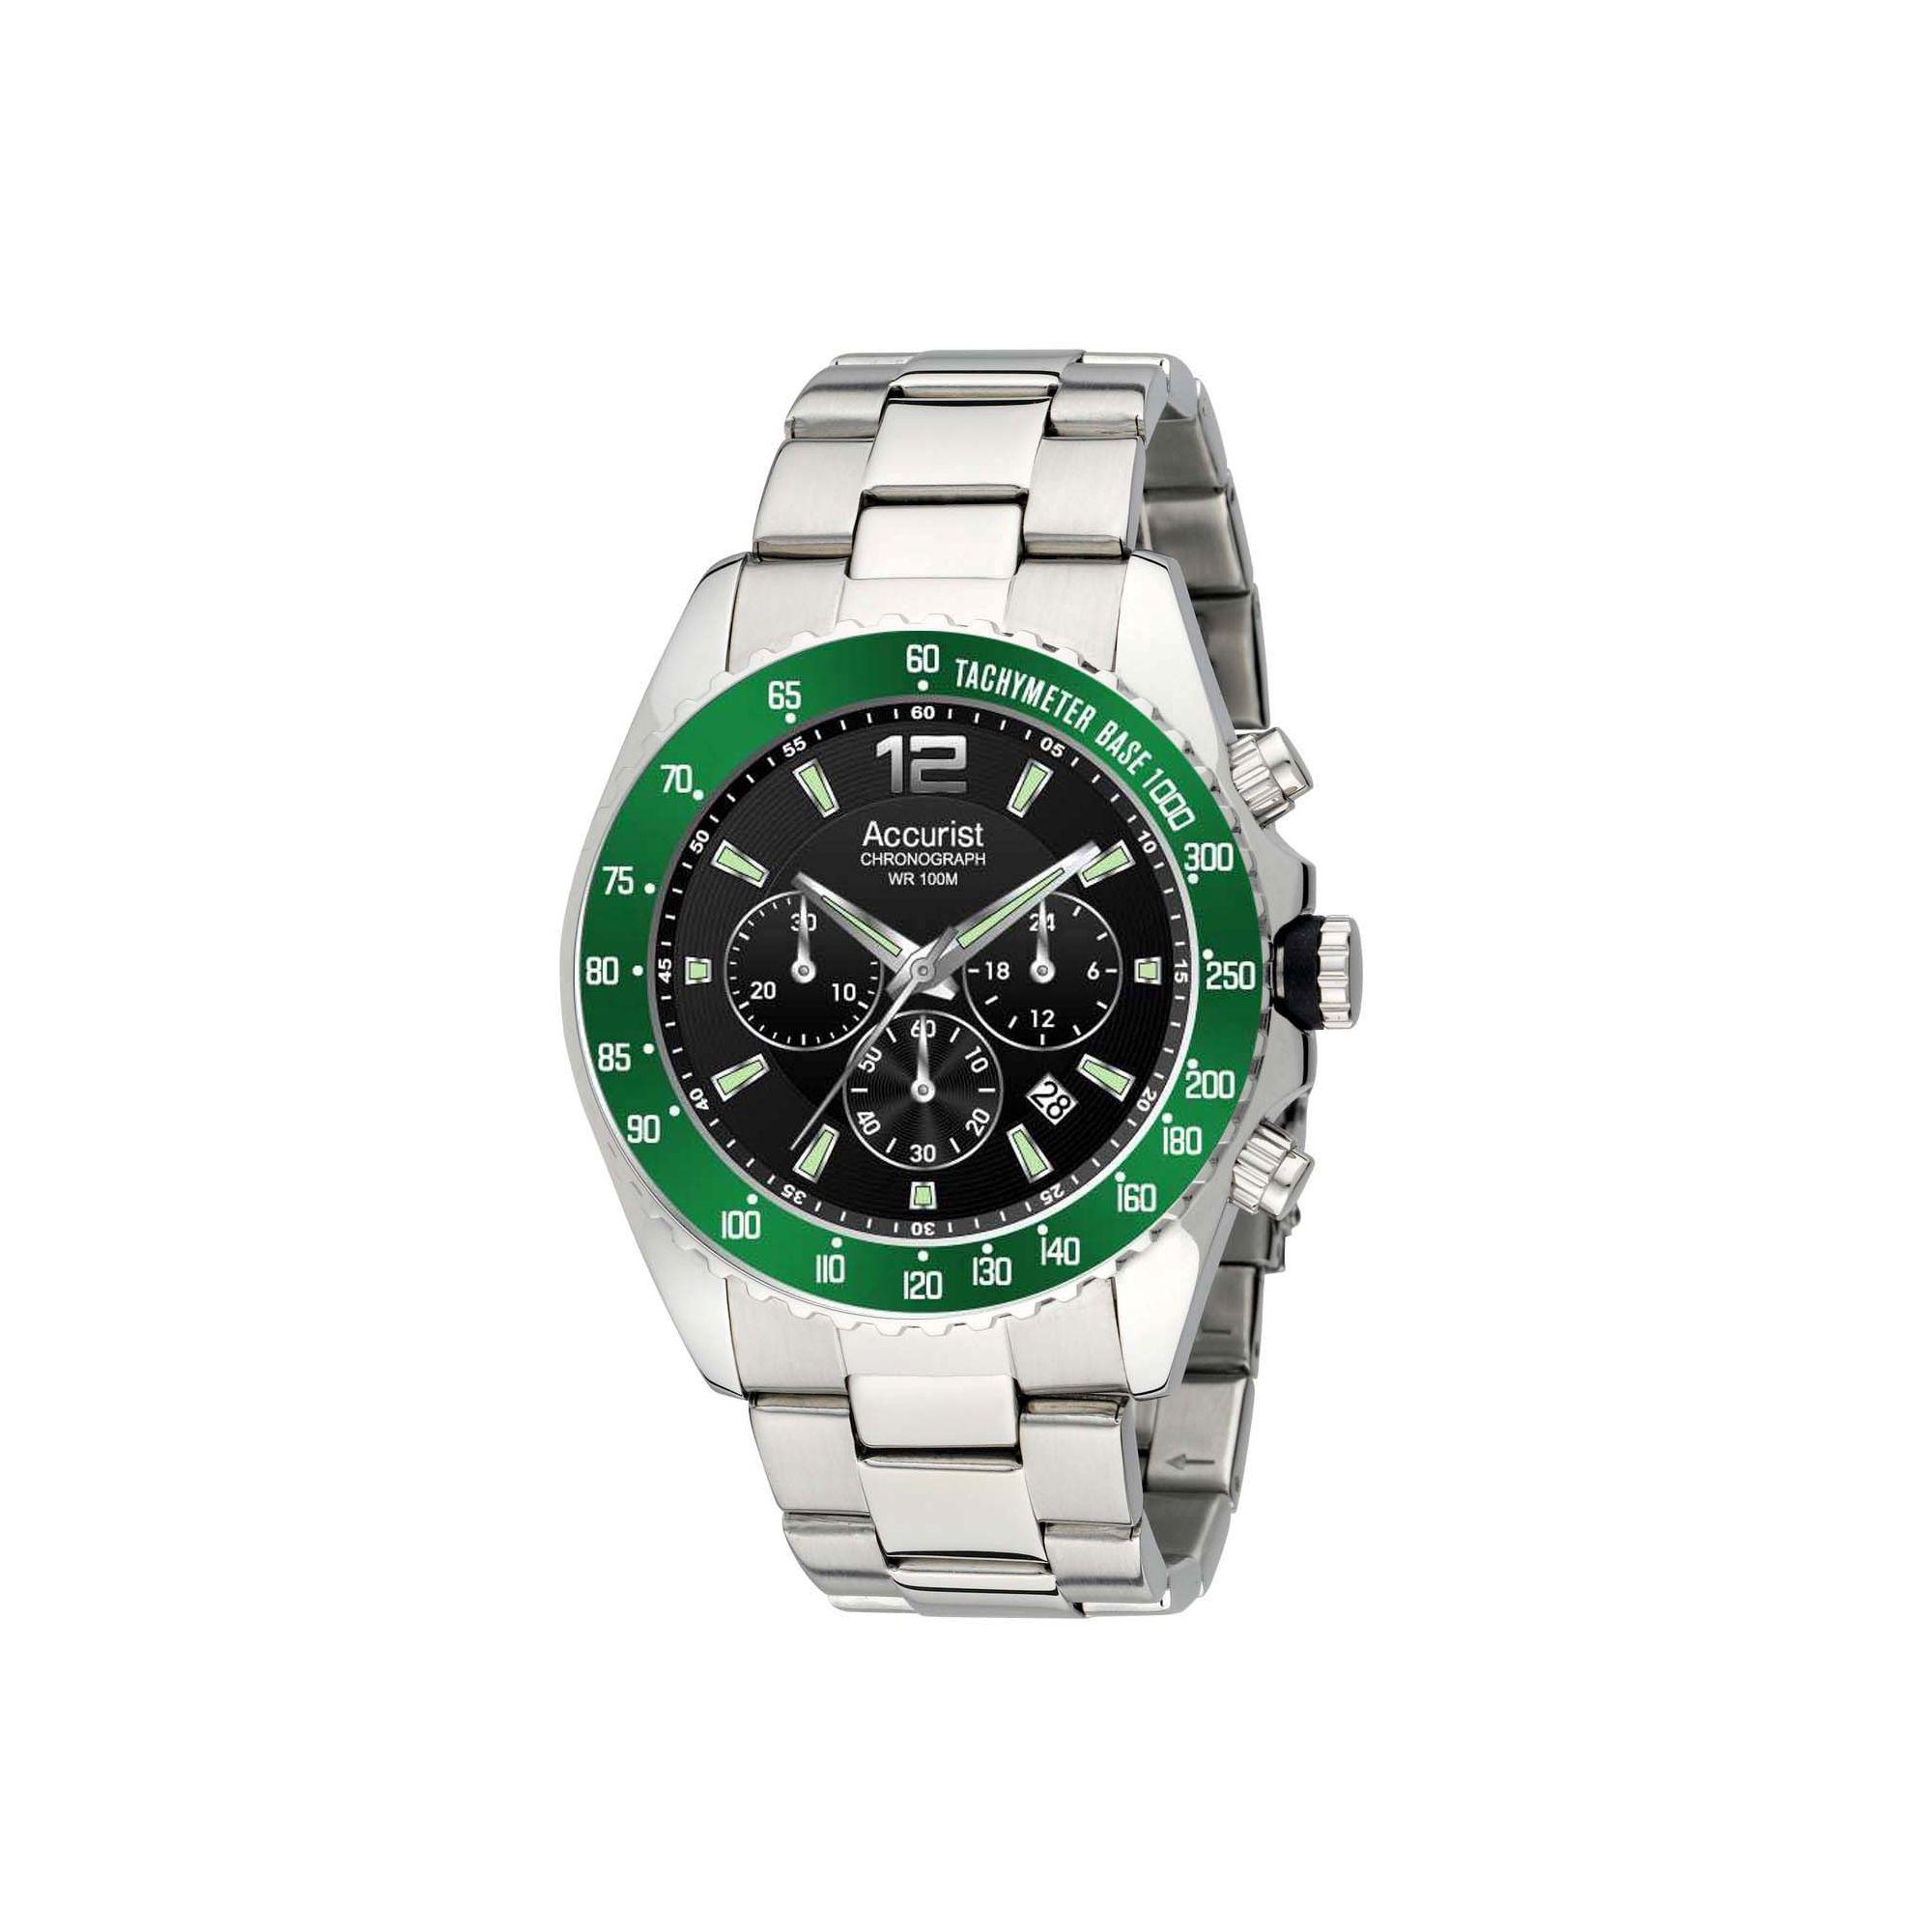 myshop accurist gents chronograph bracelet watch mb936bg